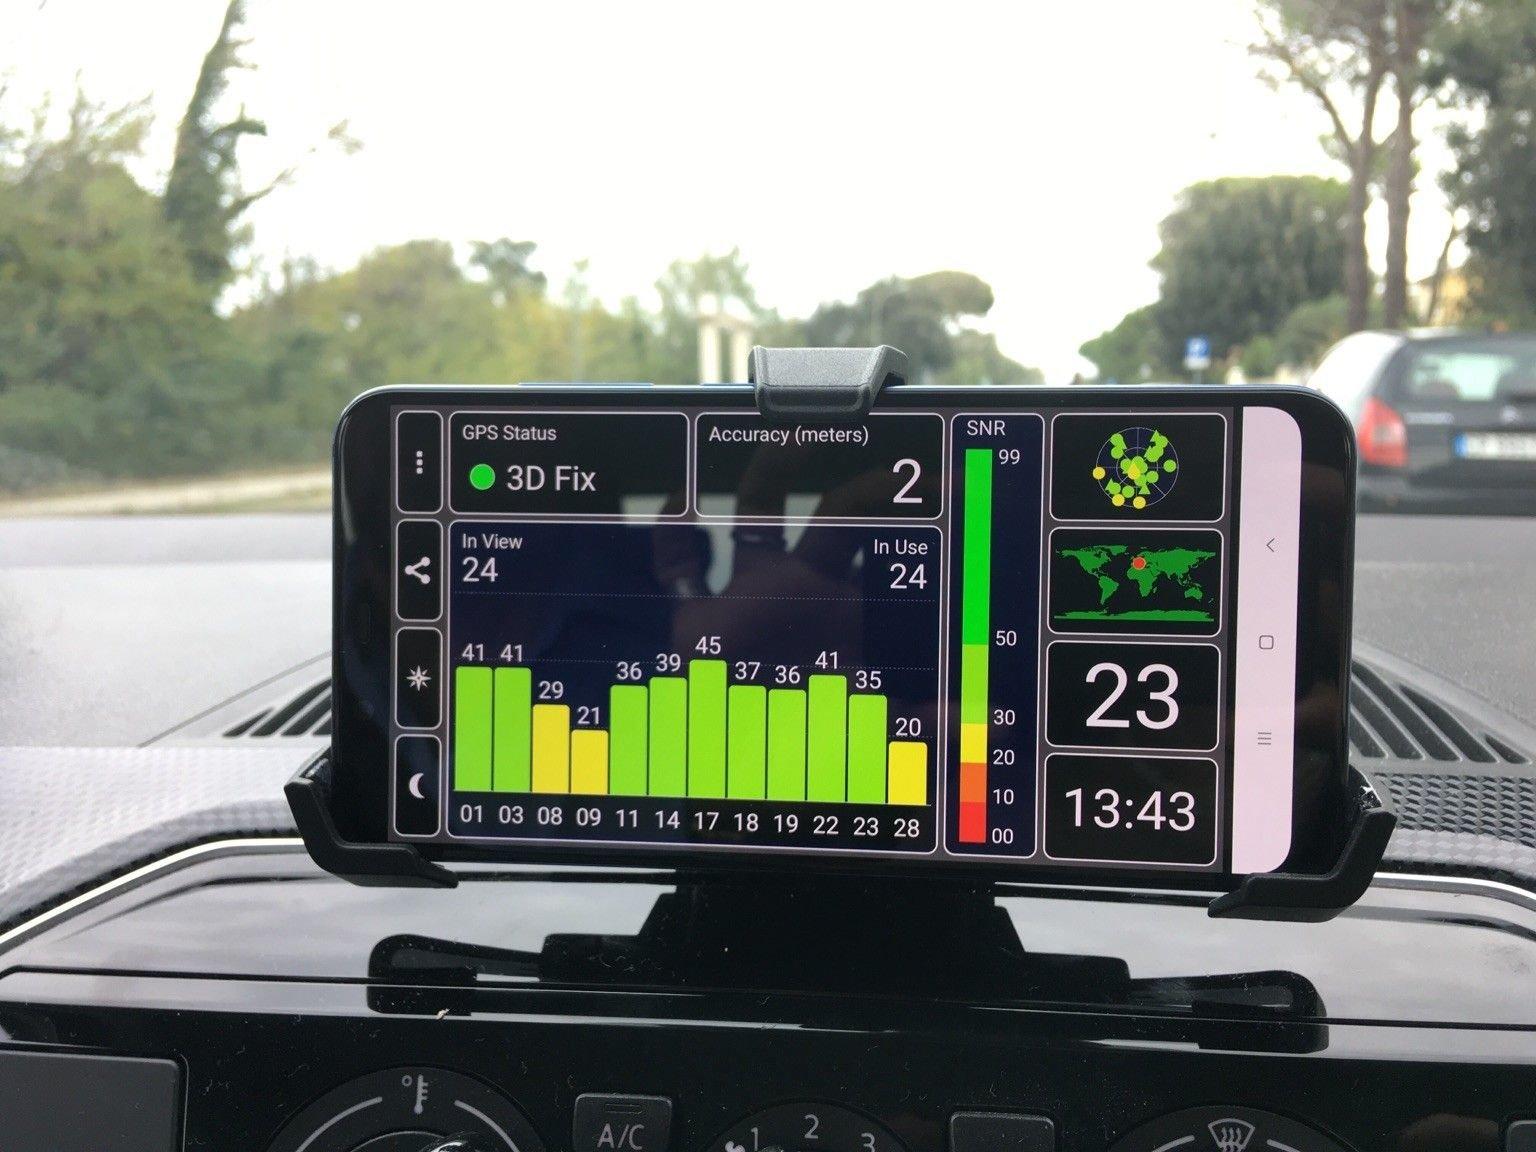 Mi 8 Dual GPS Genauigkeit - Seite 2 - Xiaomi Mi8 Forum – Android